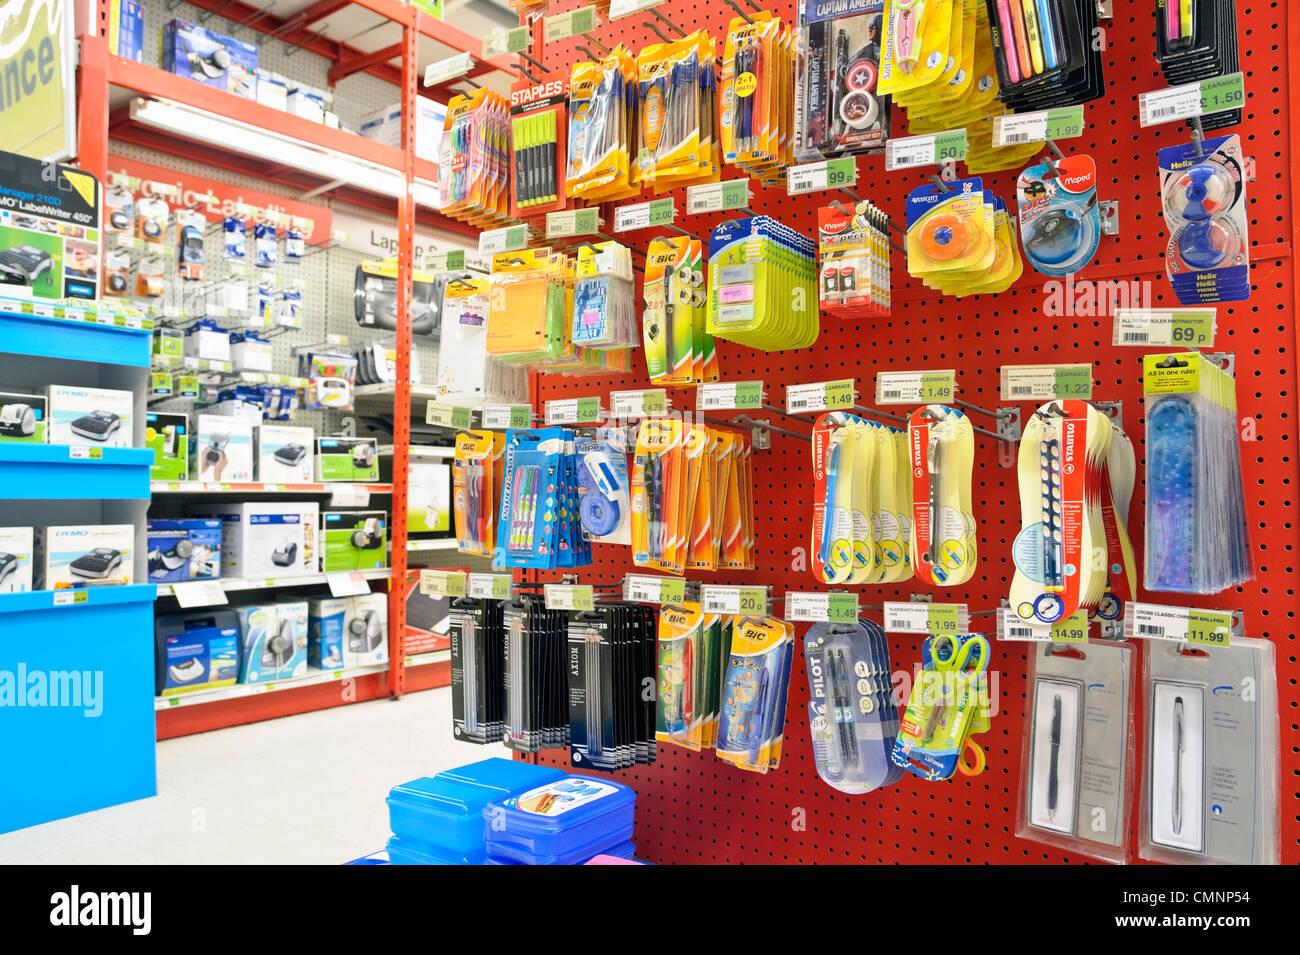 Des stylos, de la papeterie et fournitures de bureau à vendre dans un magasin Staples à Kidderminster, Photo Stock